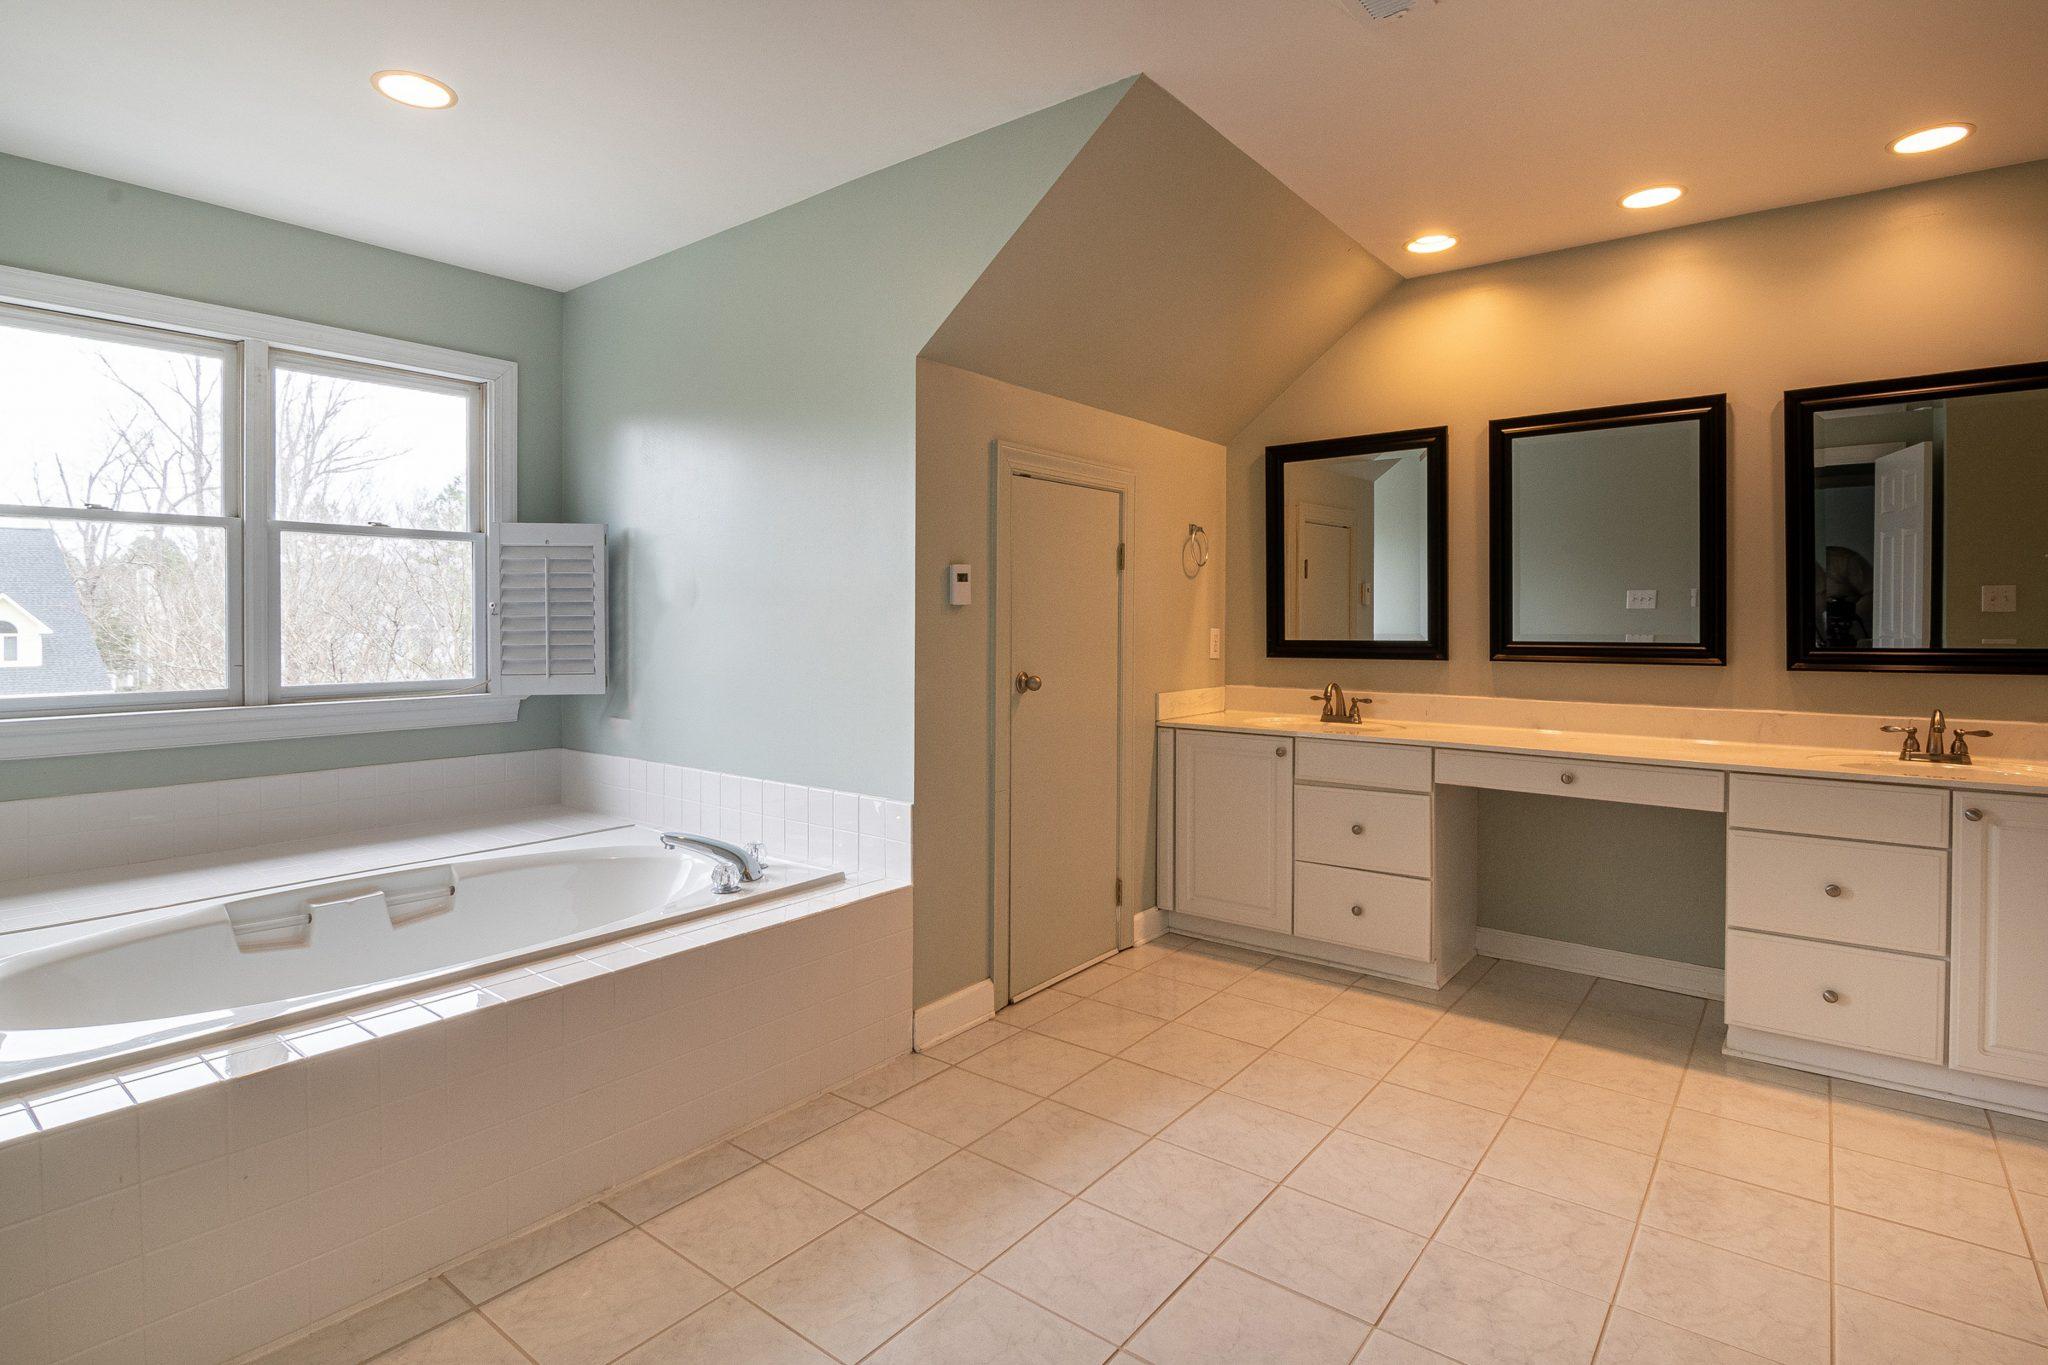 Bathroom Countertops: Best Materials